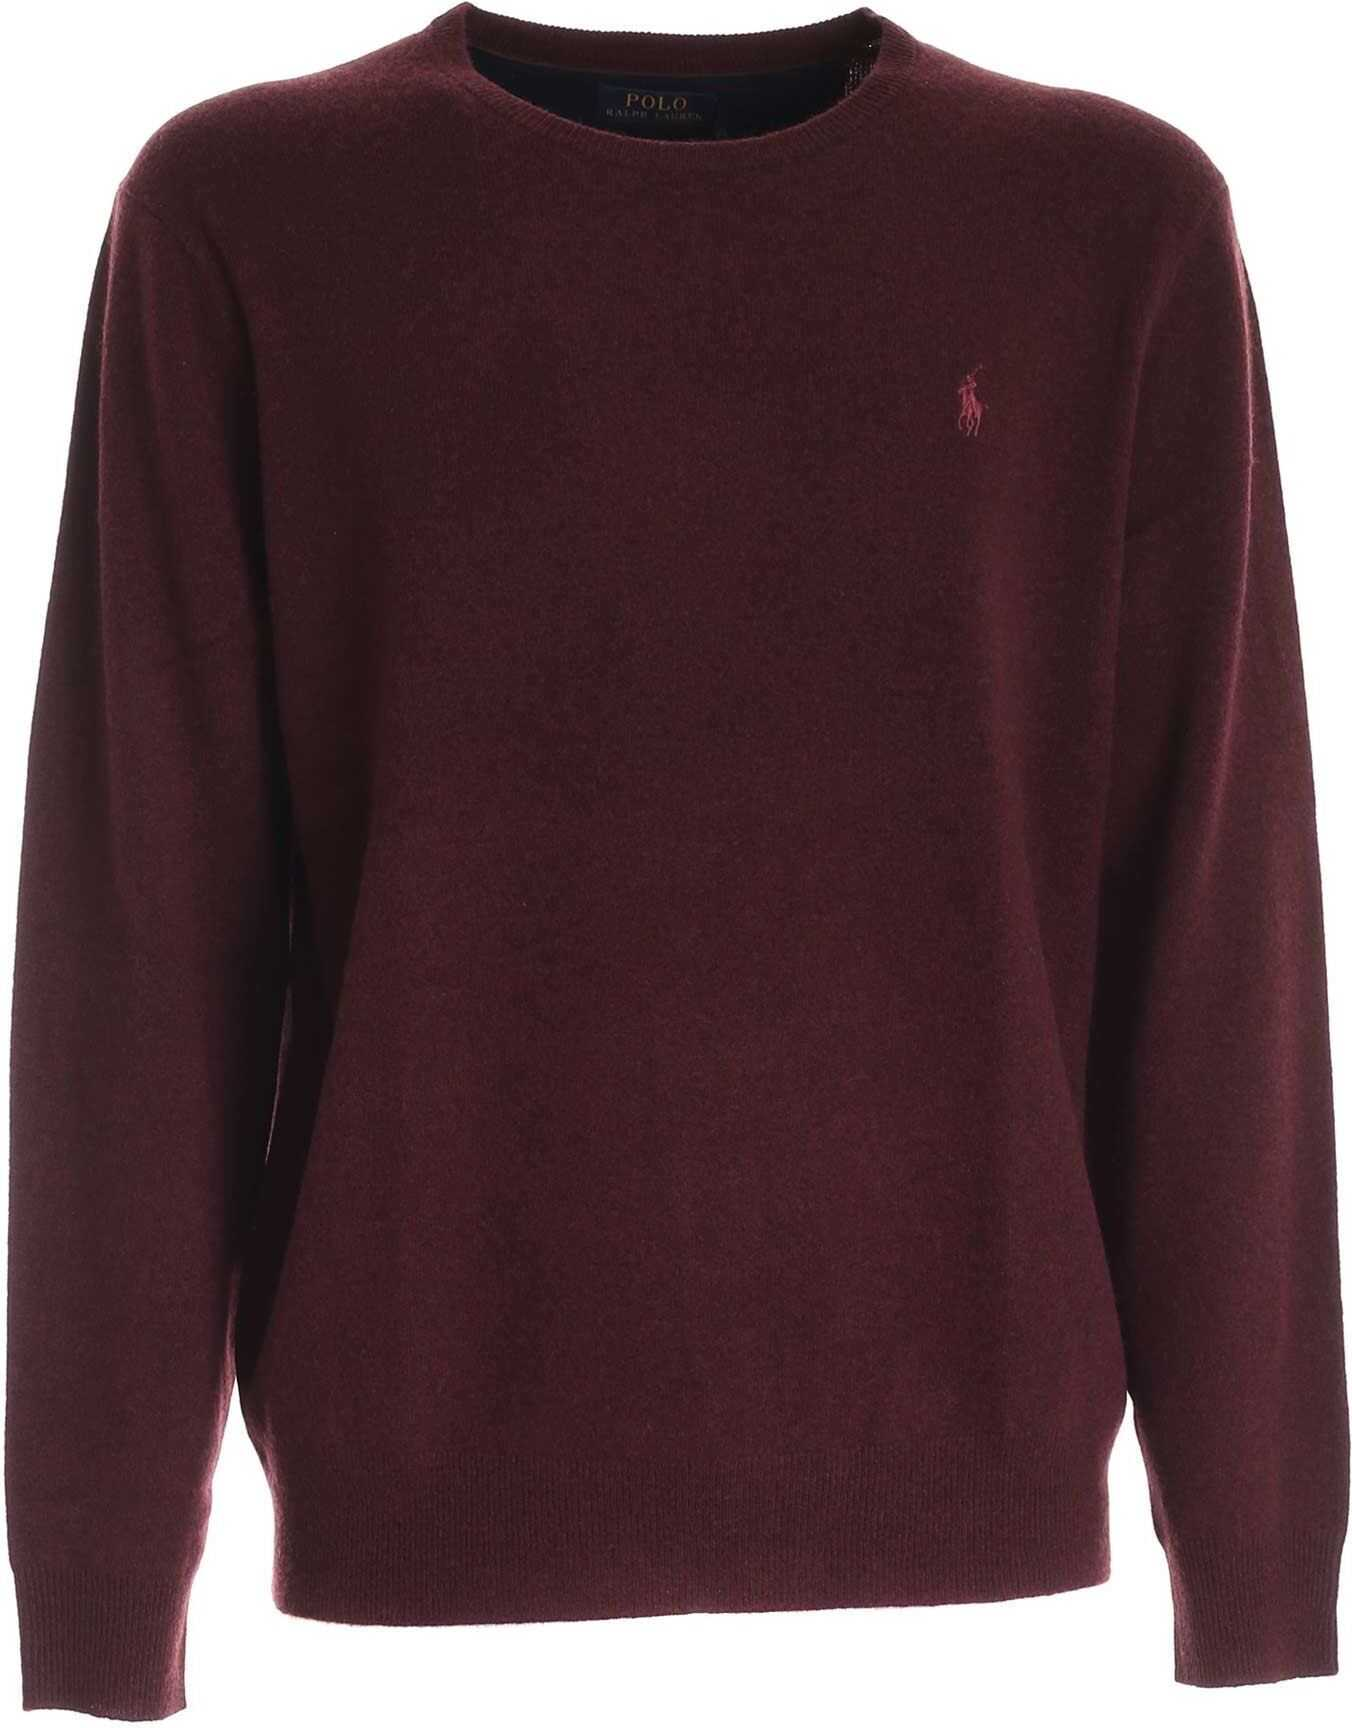 Ralph Lauren Logo Pullover In Burgundy Melange Red imagine